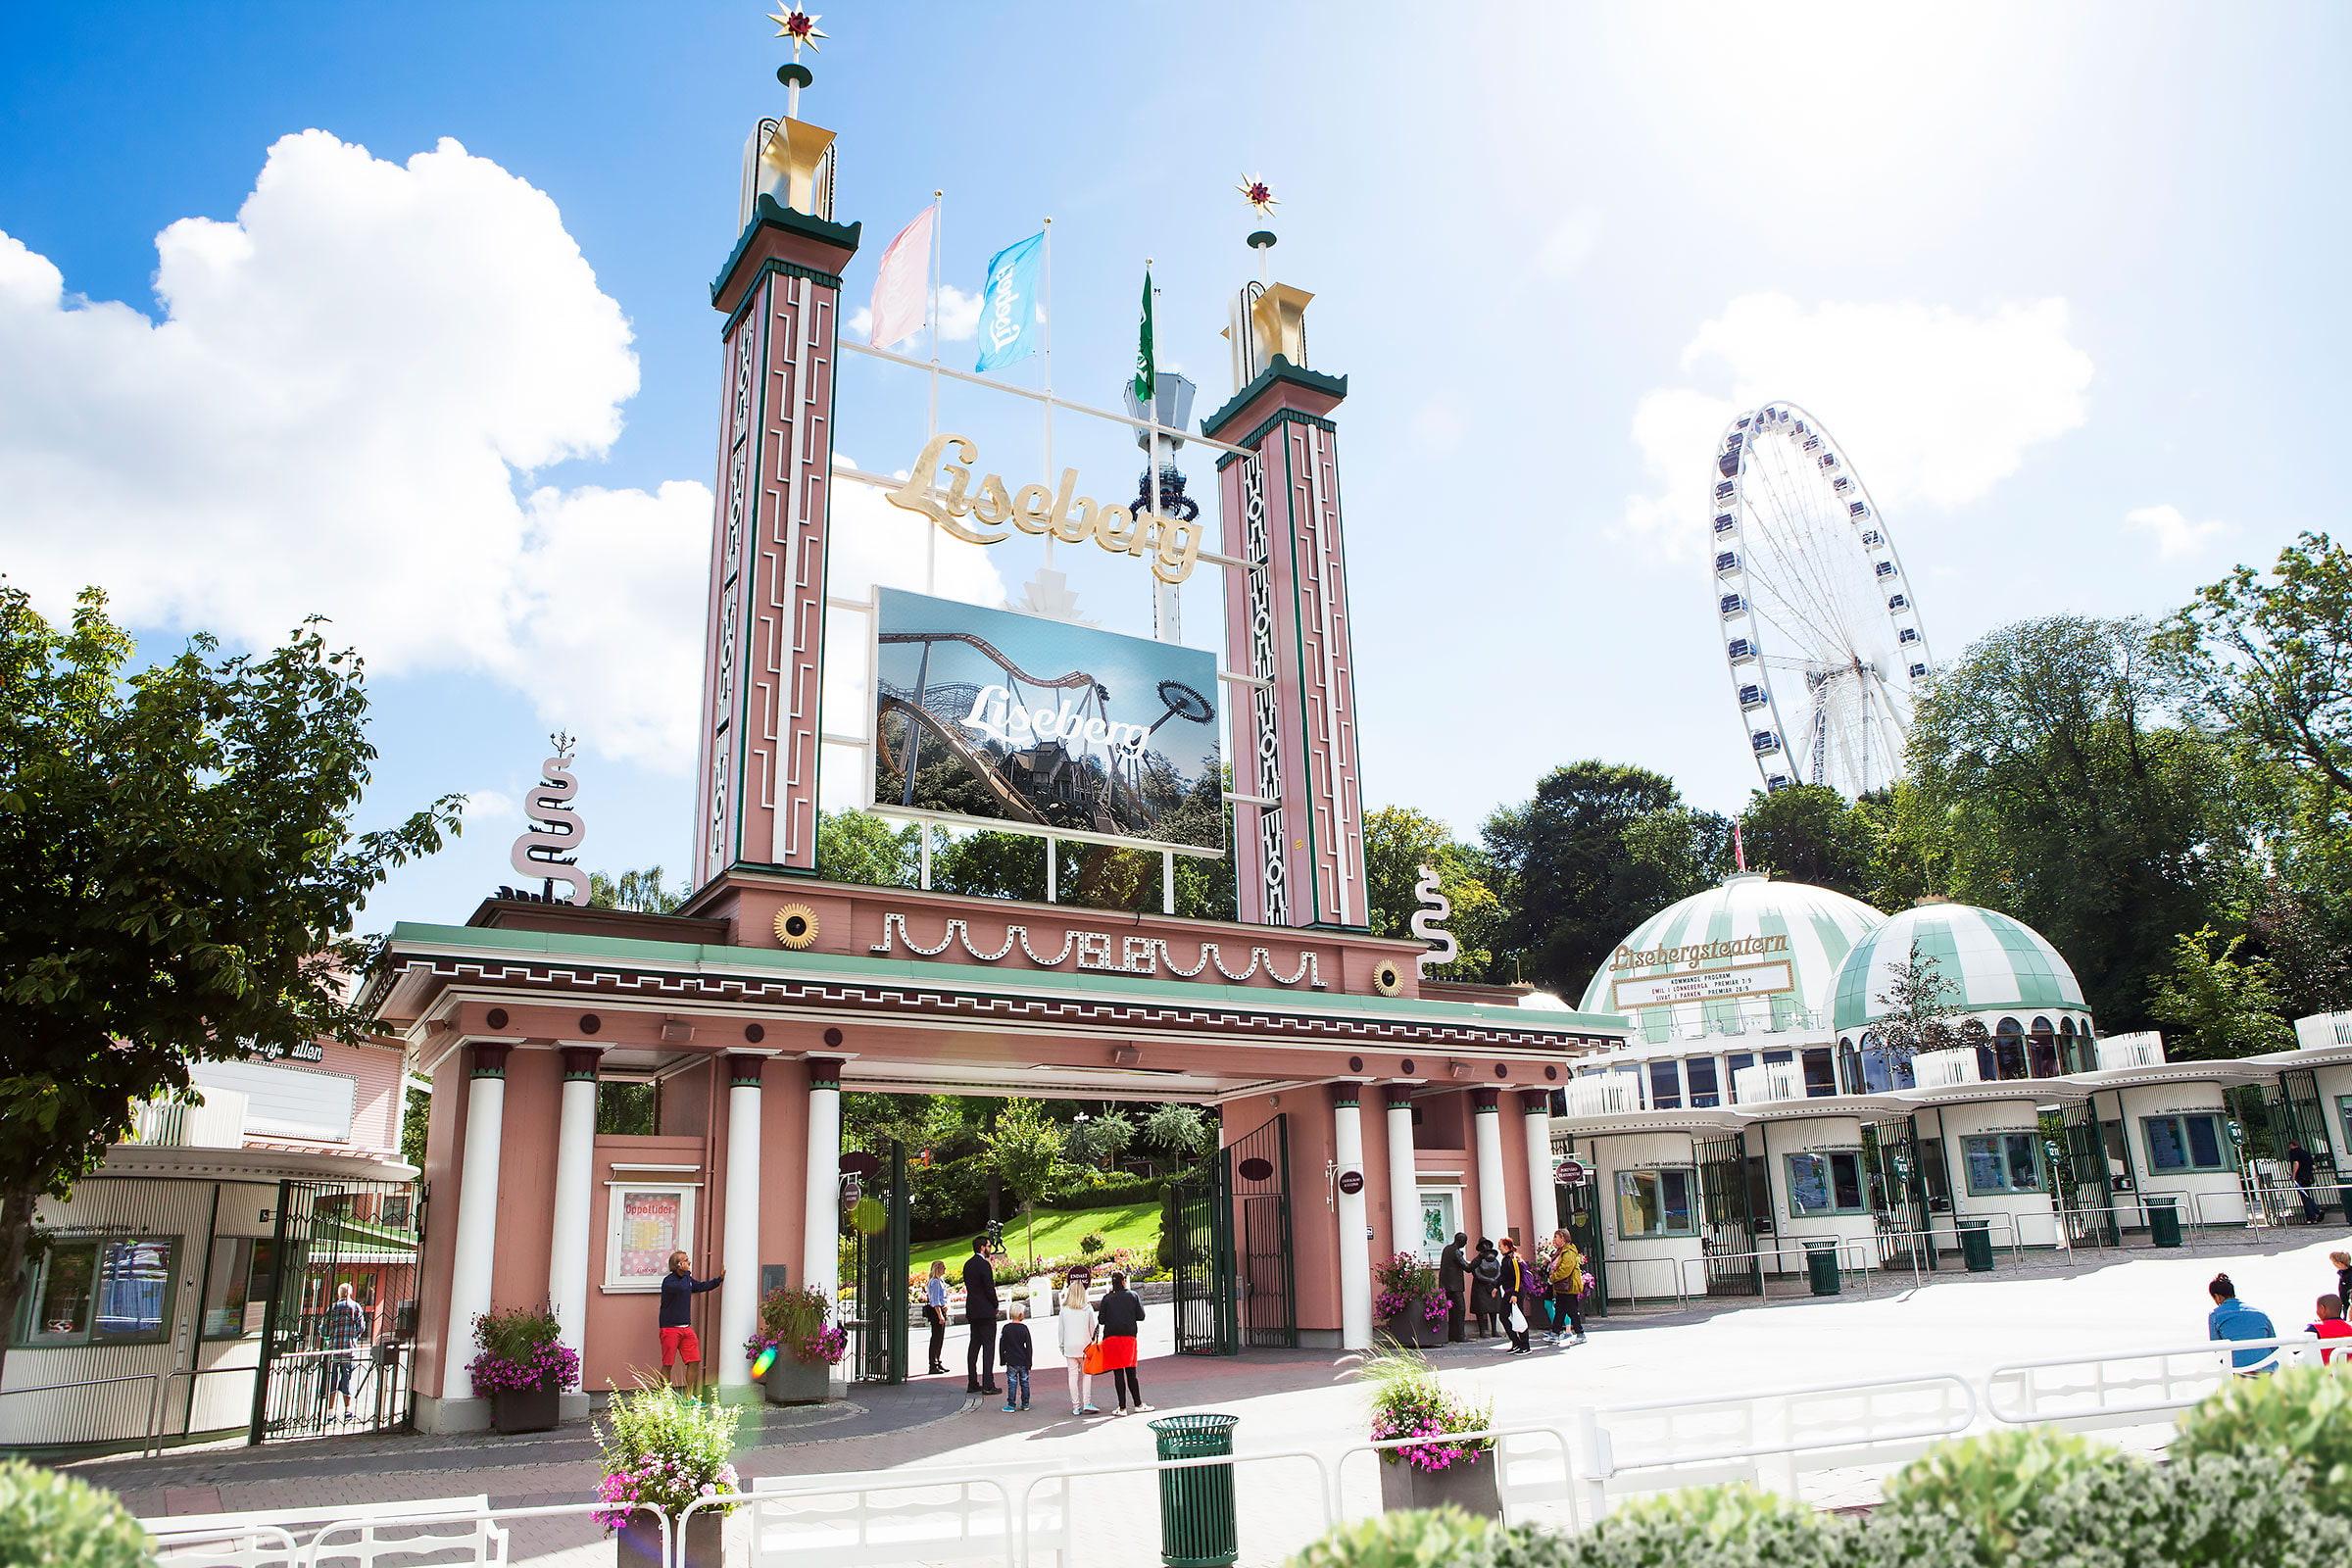 Liseberg öppnar 90-talets promenadpark